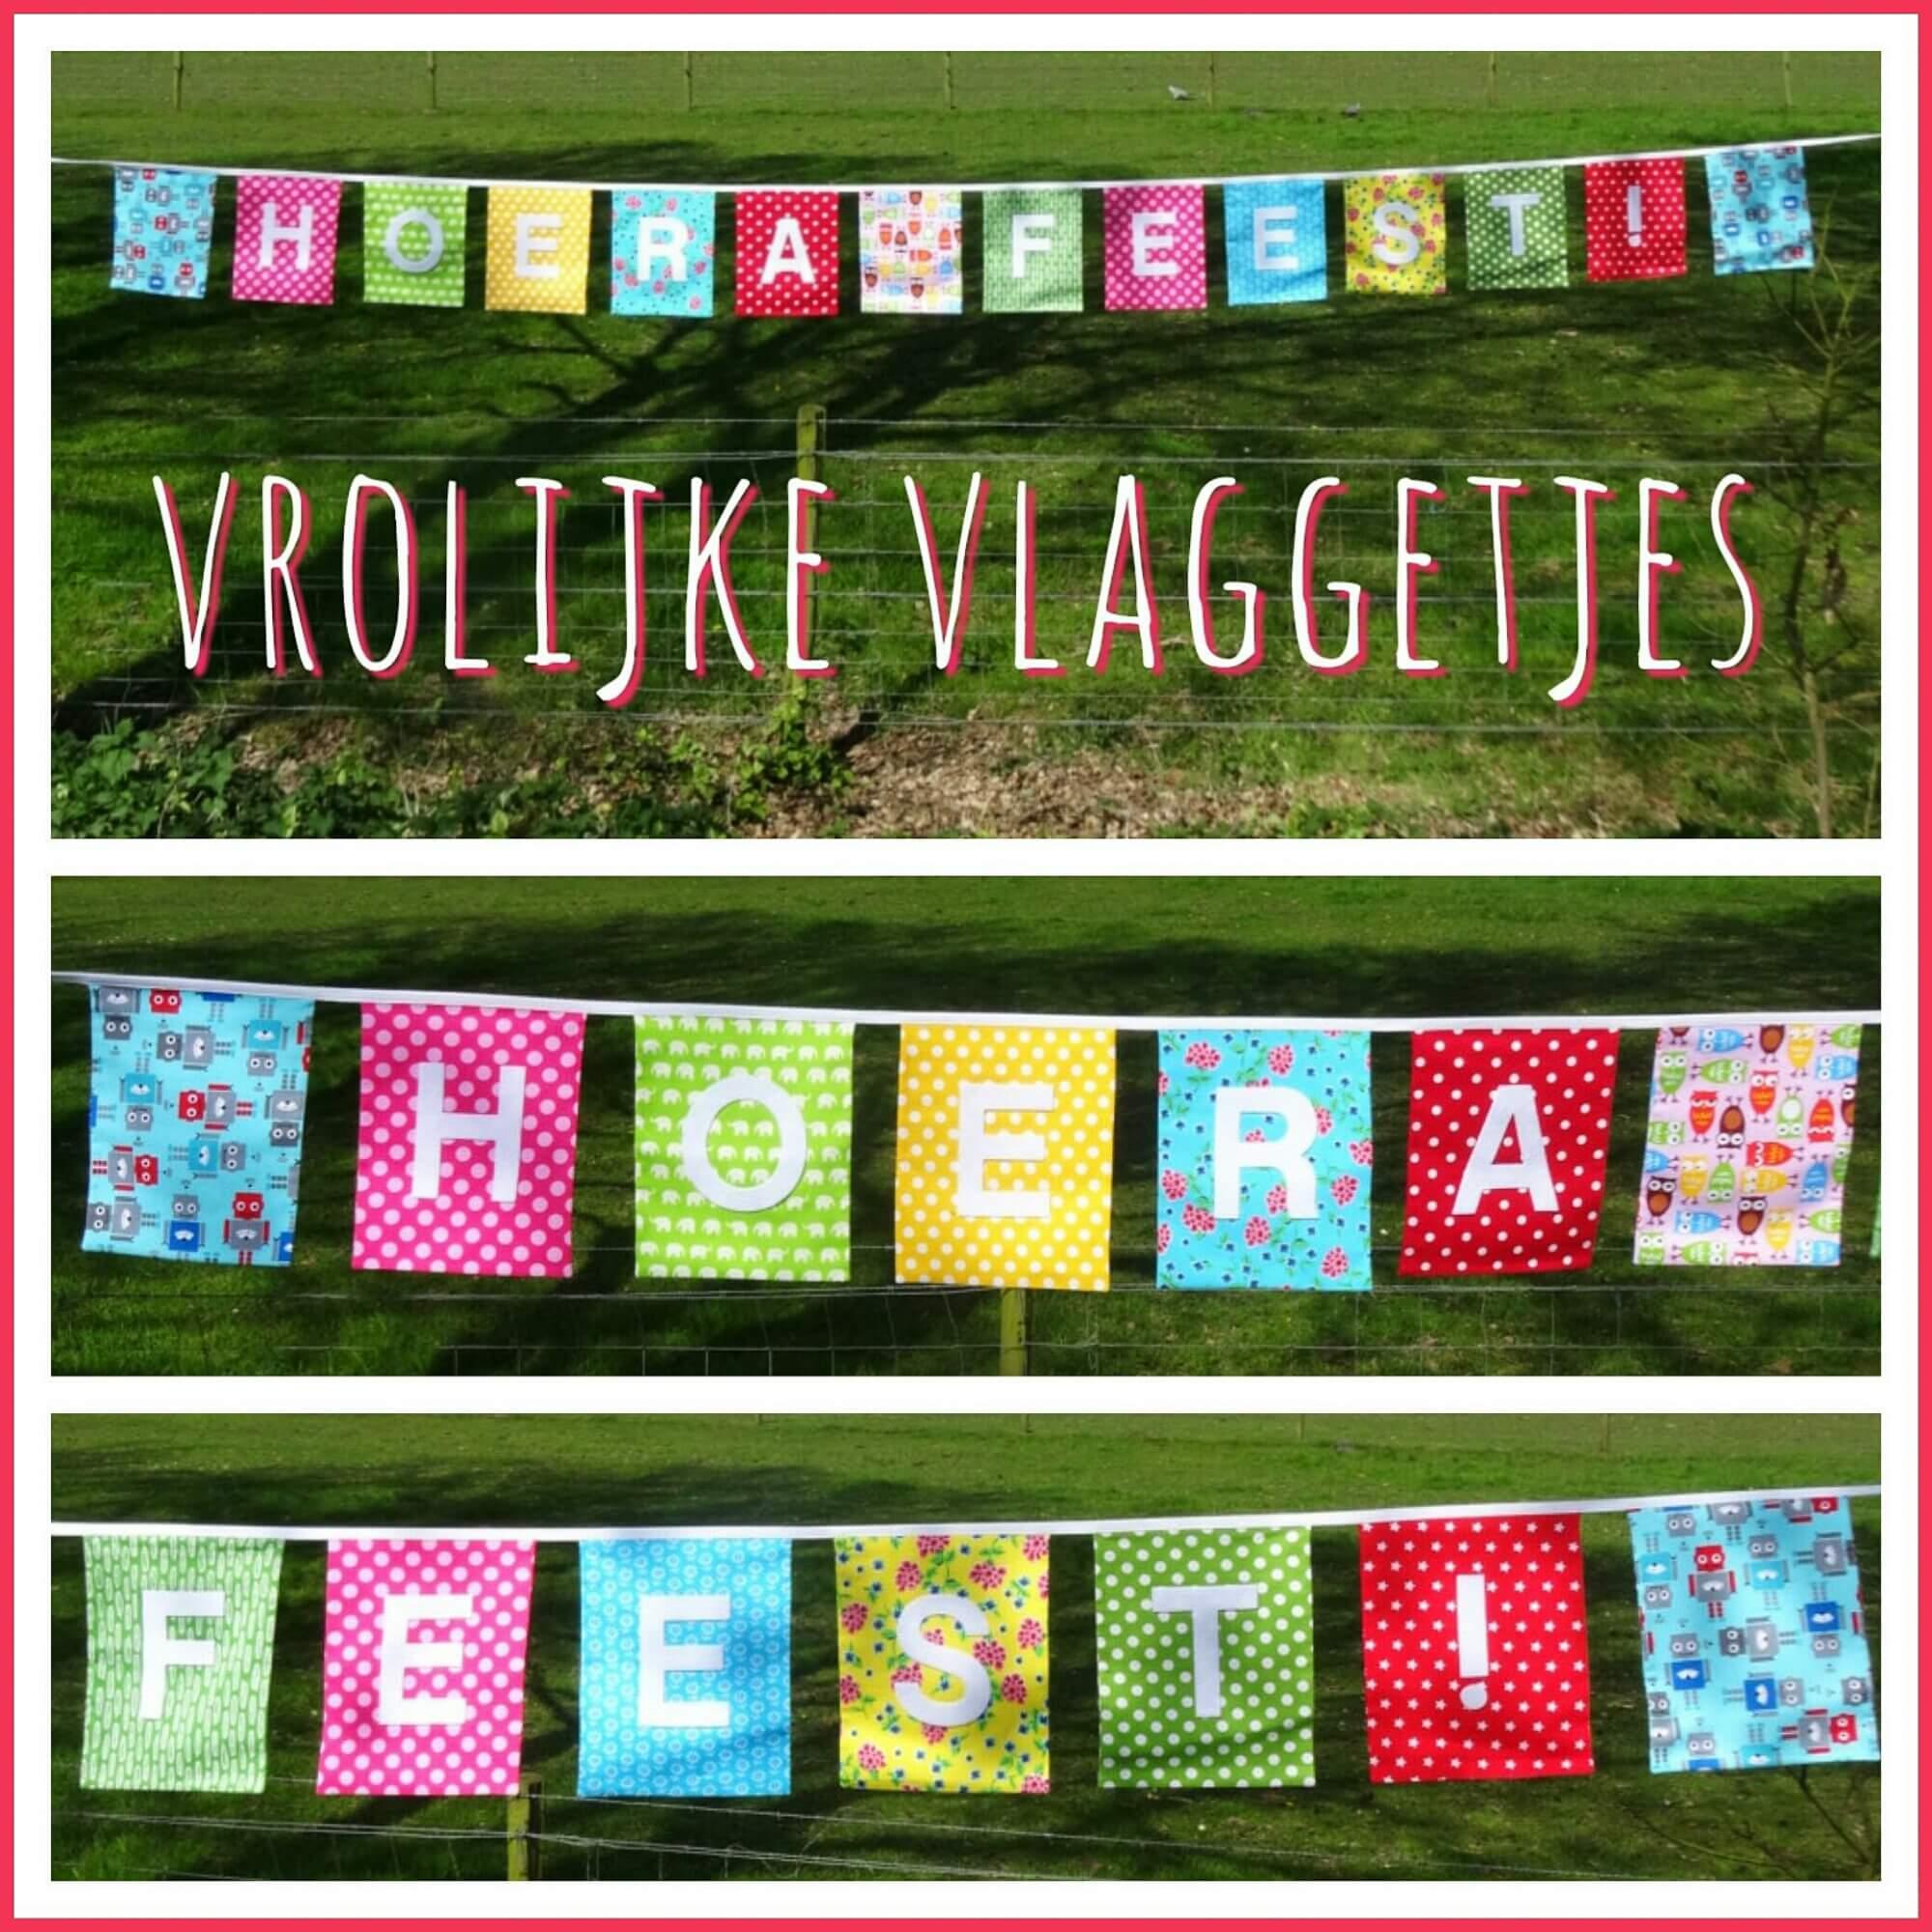 Vrolijke vlaggetjes met een persoonlijke tekst van Naamslingerfabriek.nl